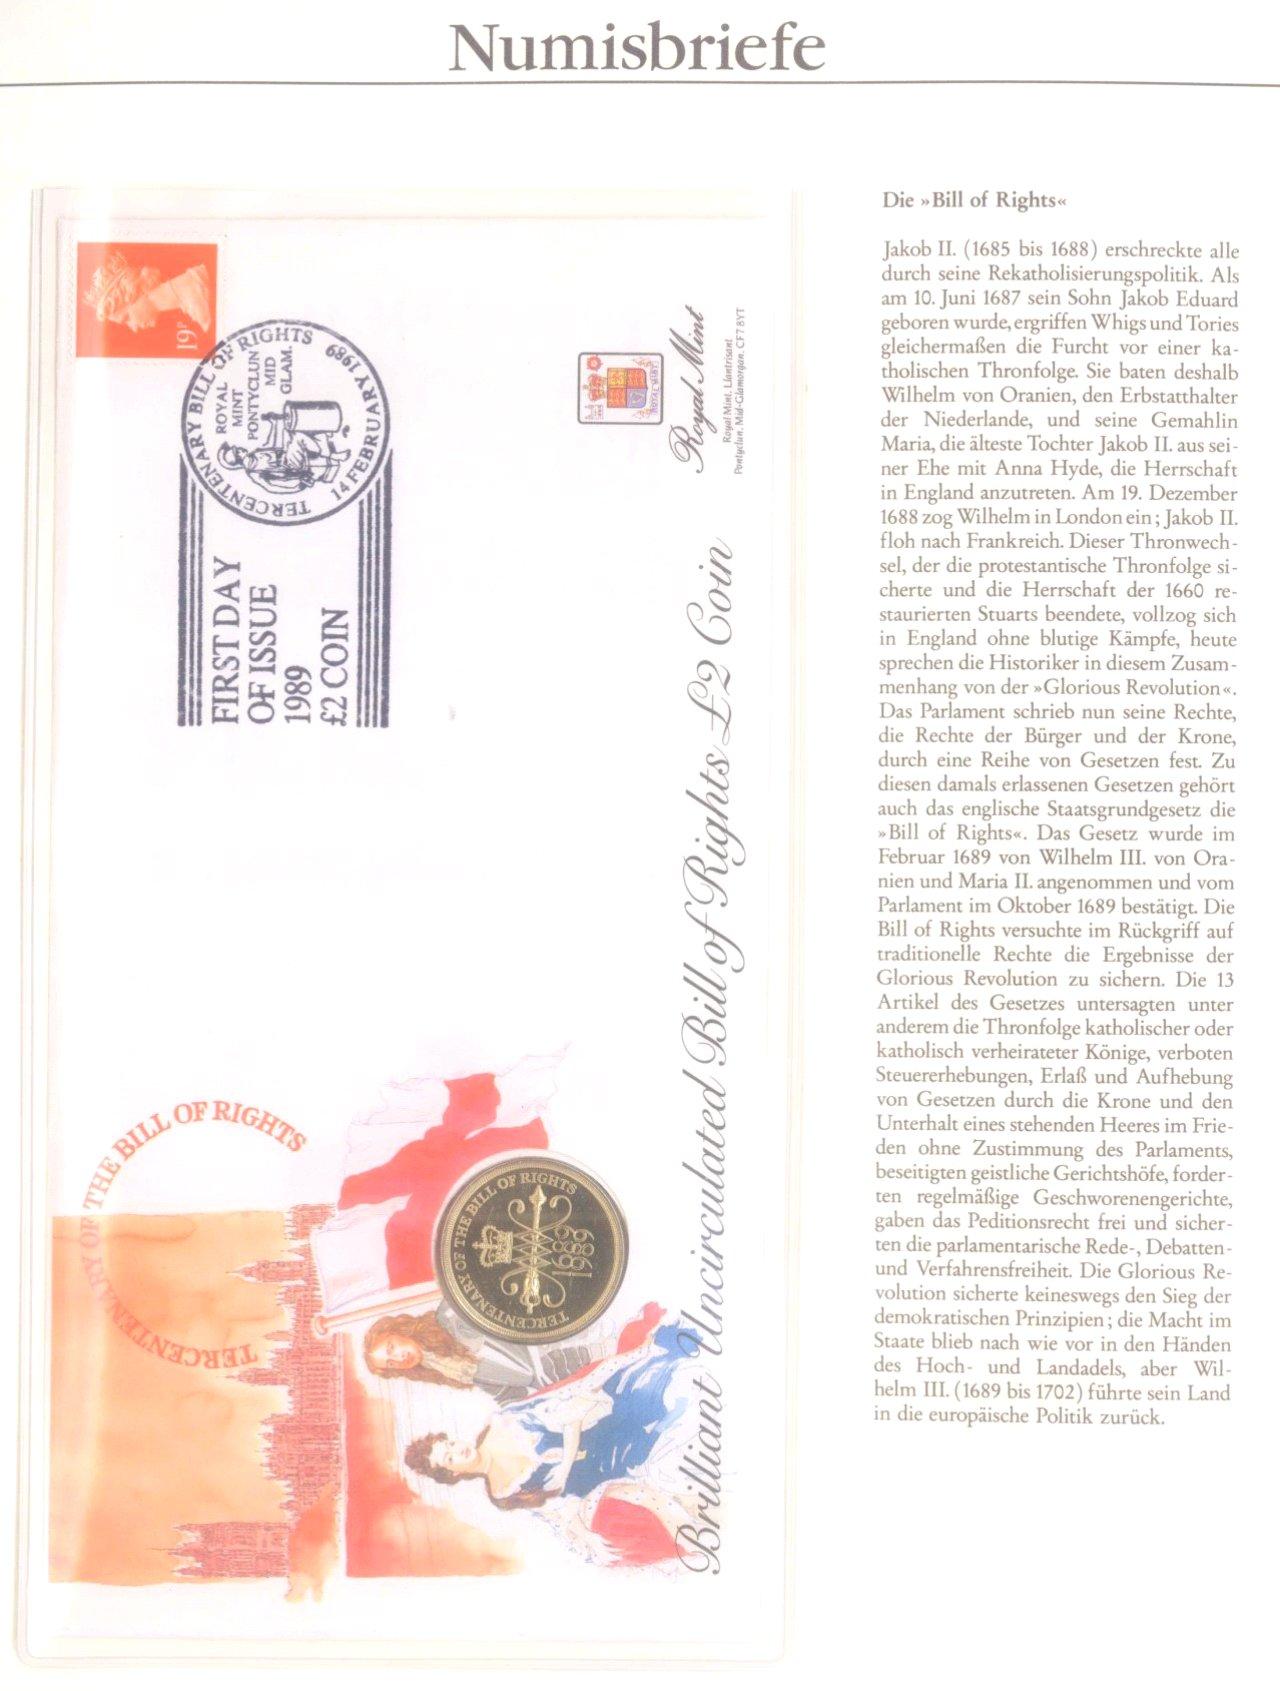 Sammlung Numisbriefe-15